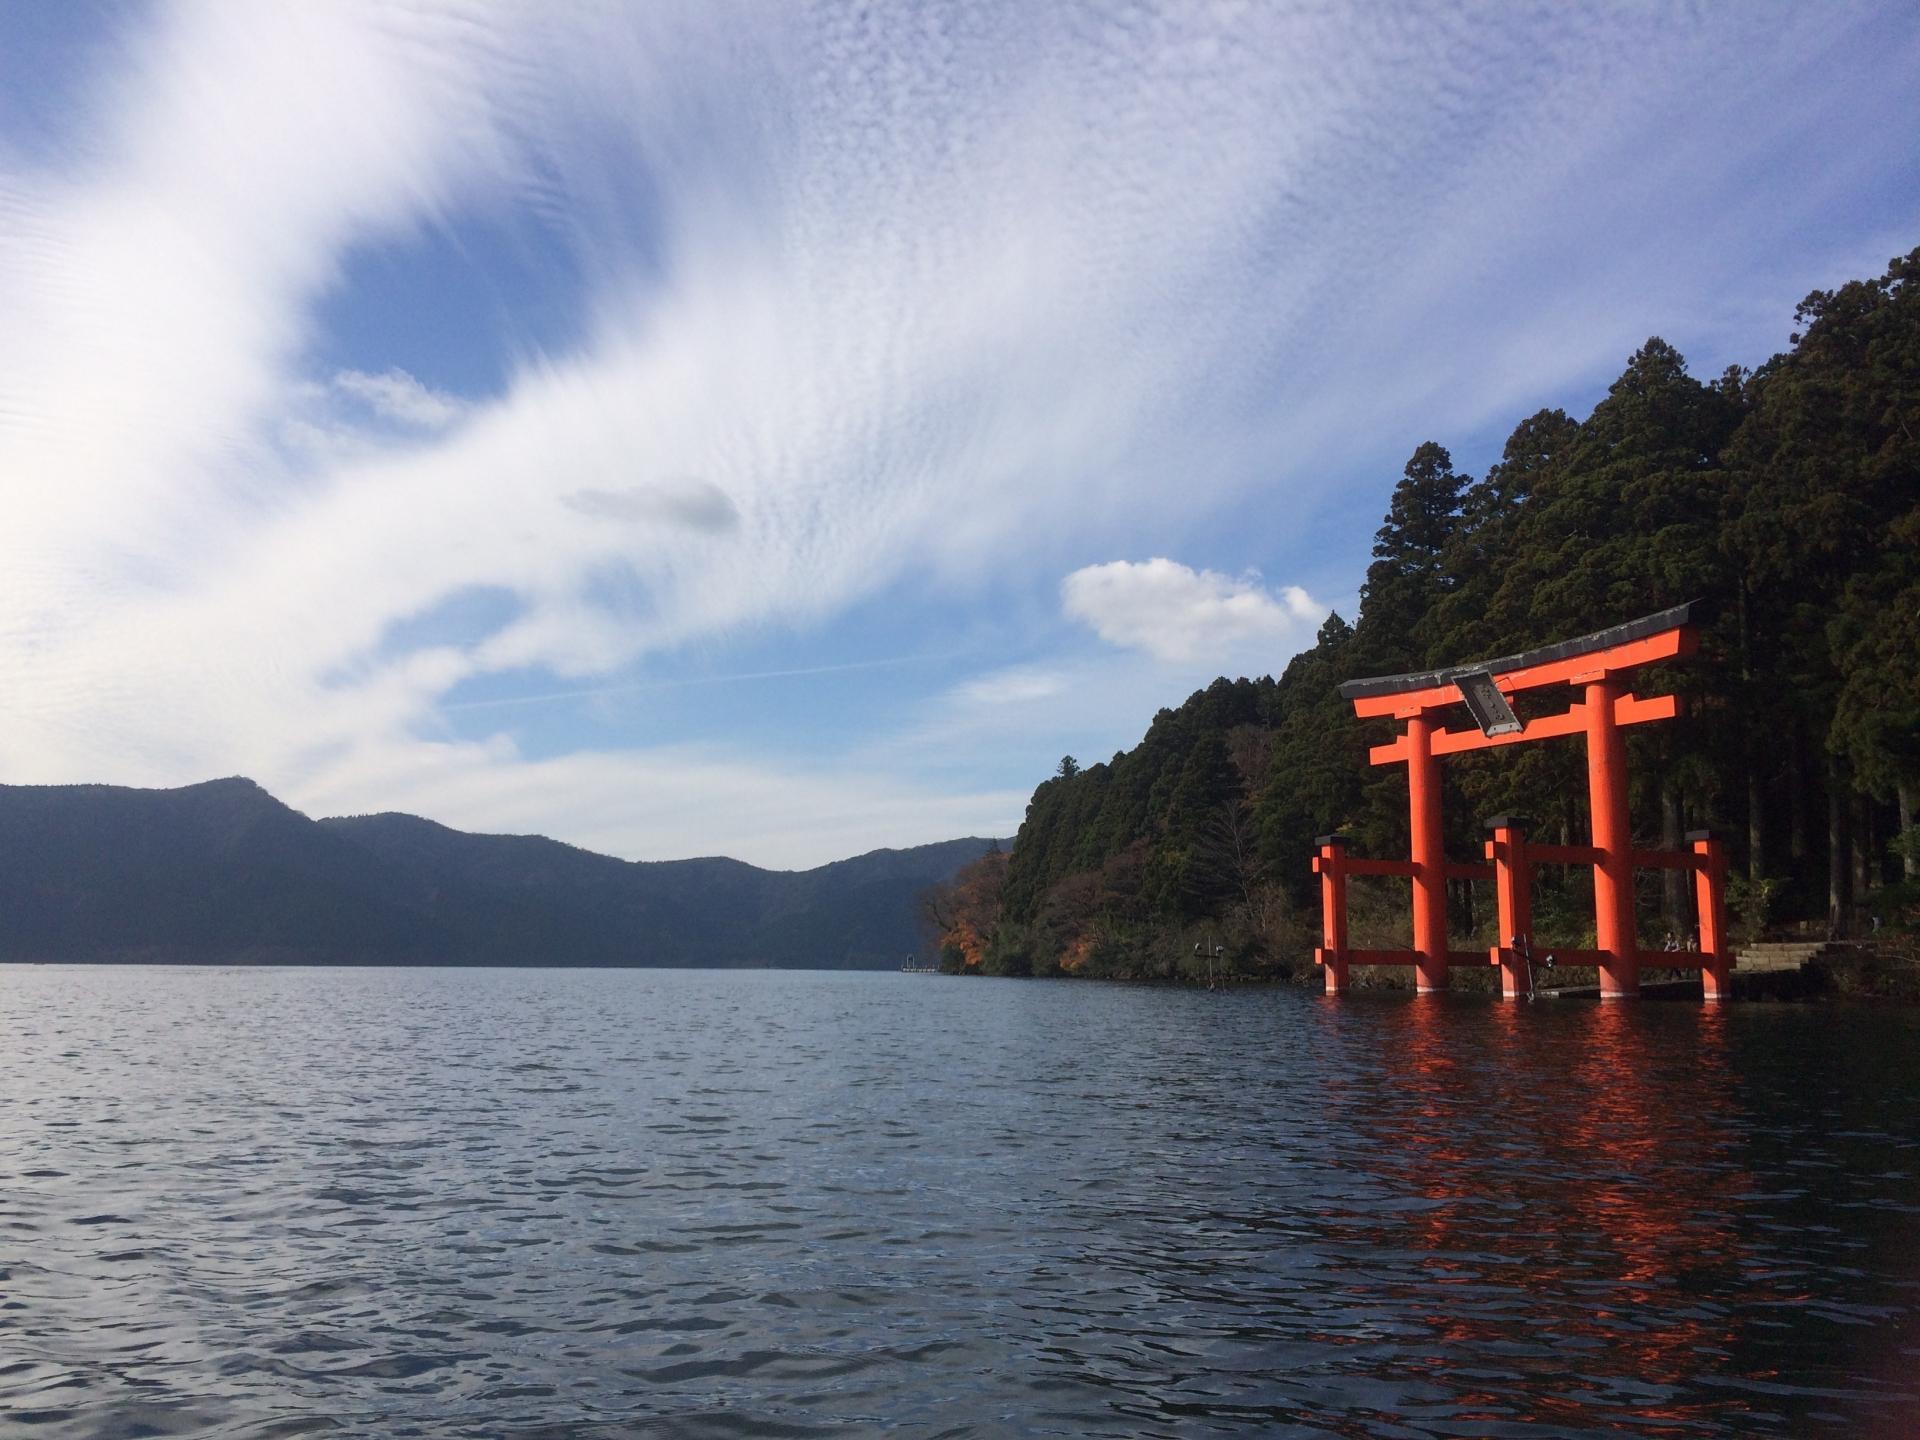 箱根旅行の王道デートプラン☆泊まって良かった露天風呂付き客室・おすすめ観光スポットを教えます!【後編】